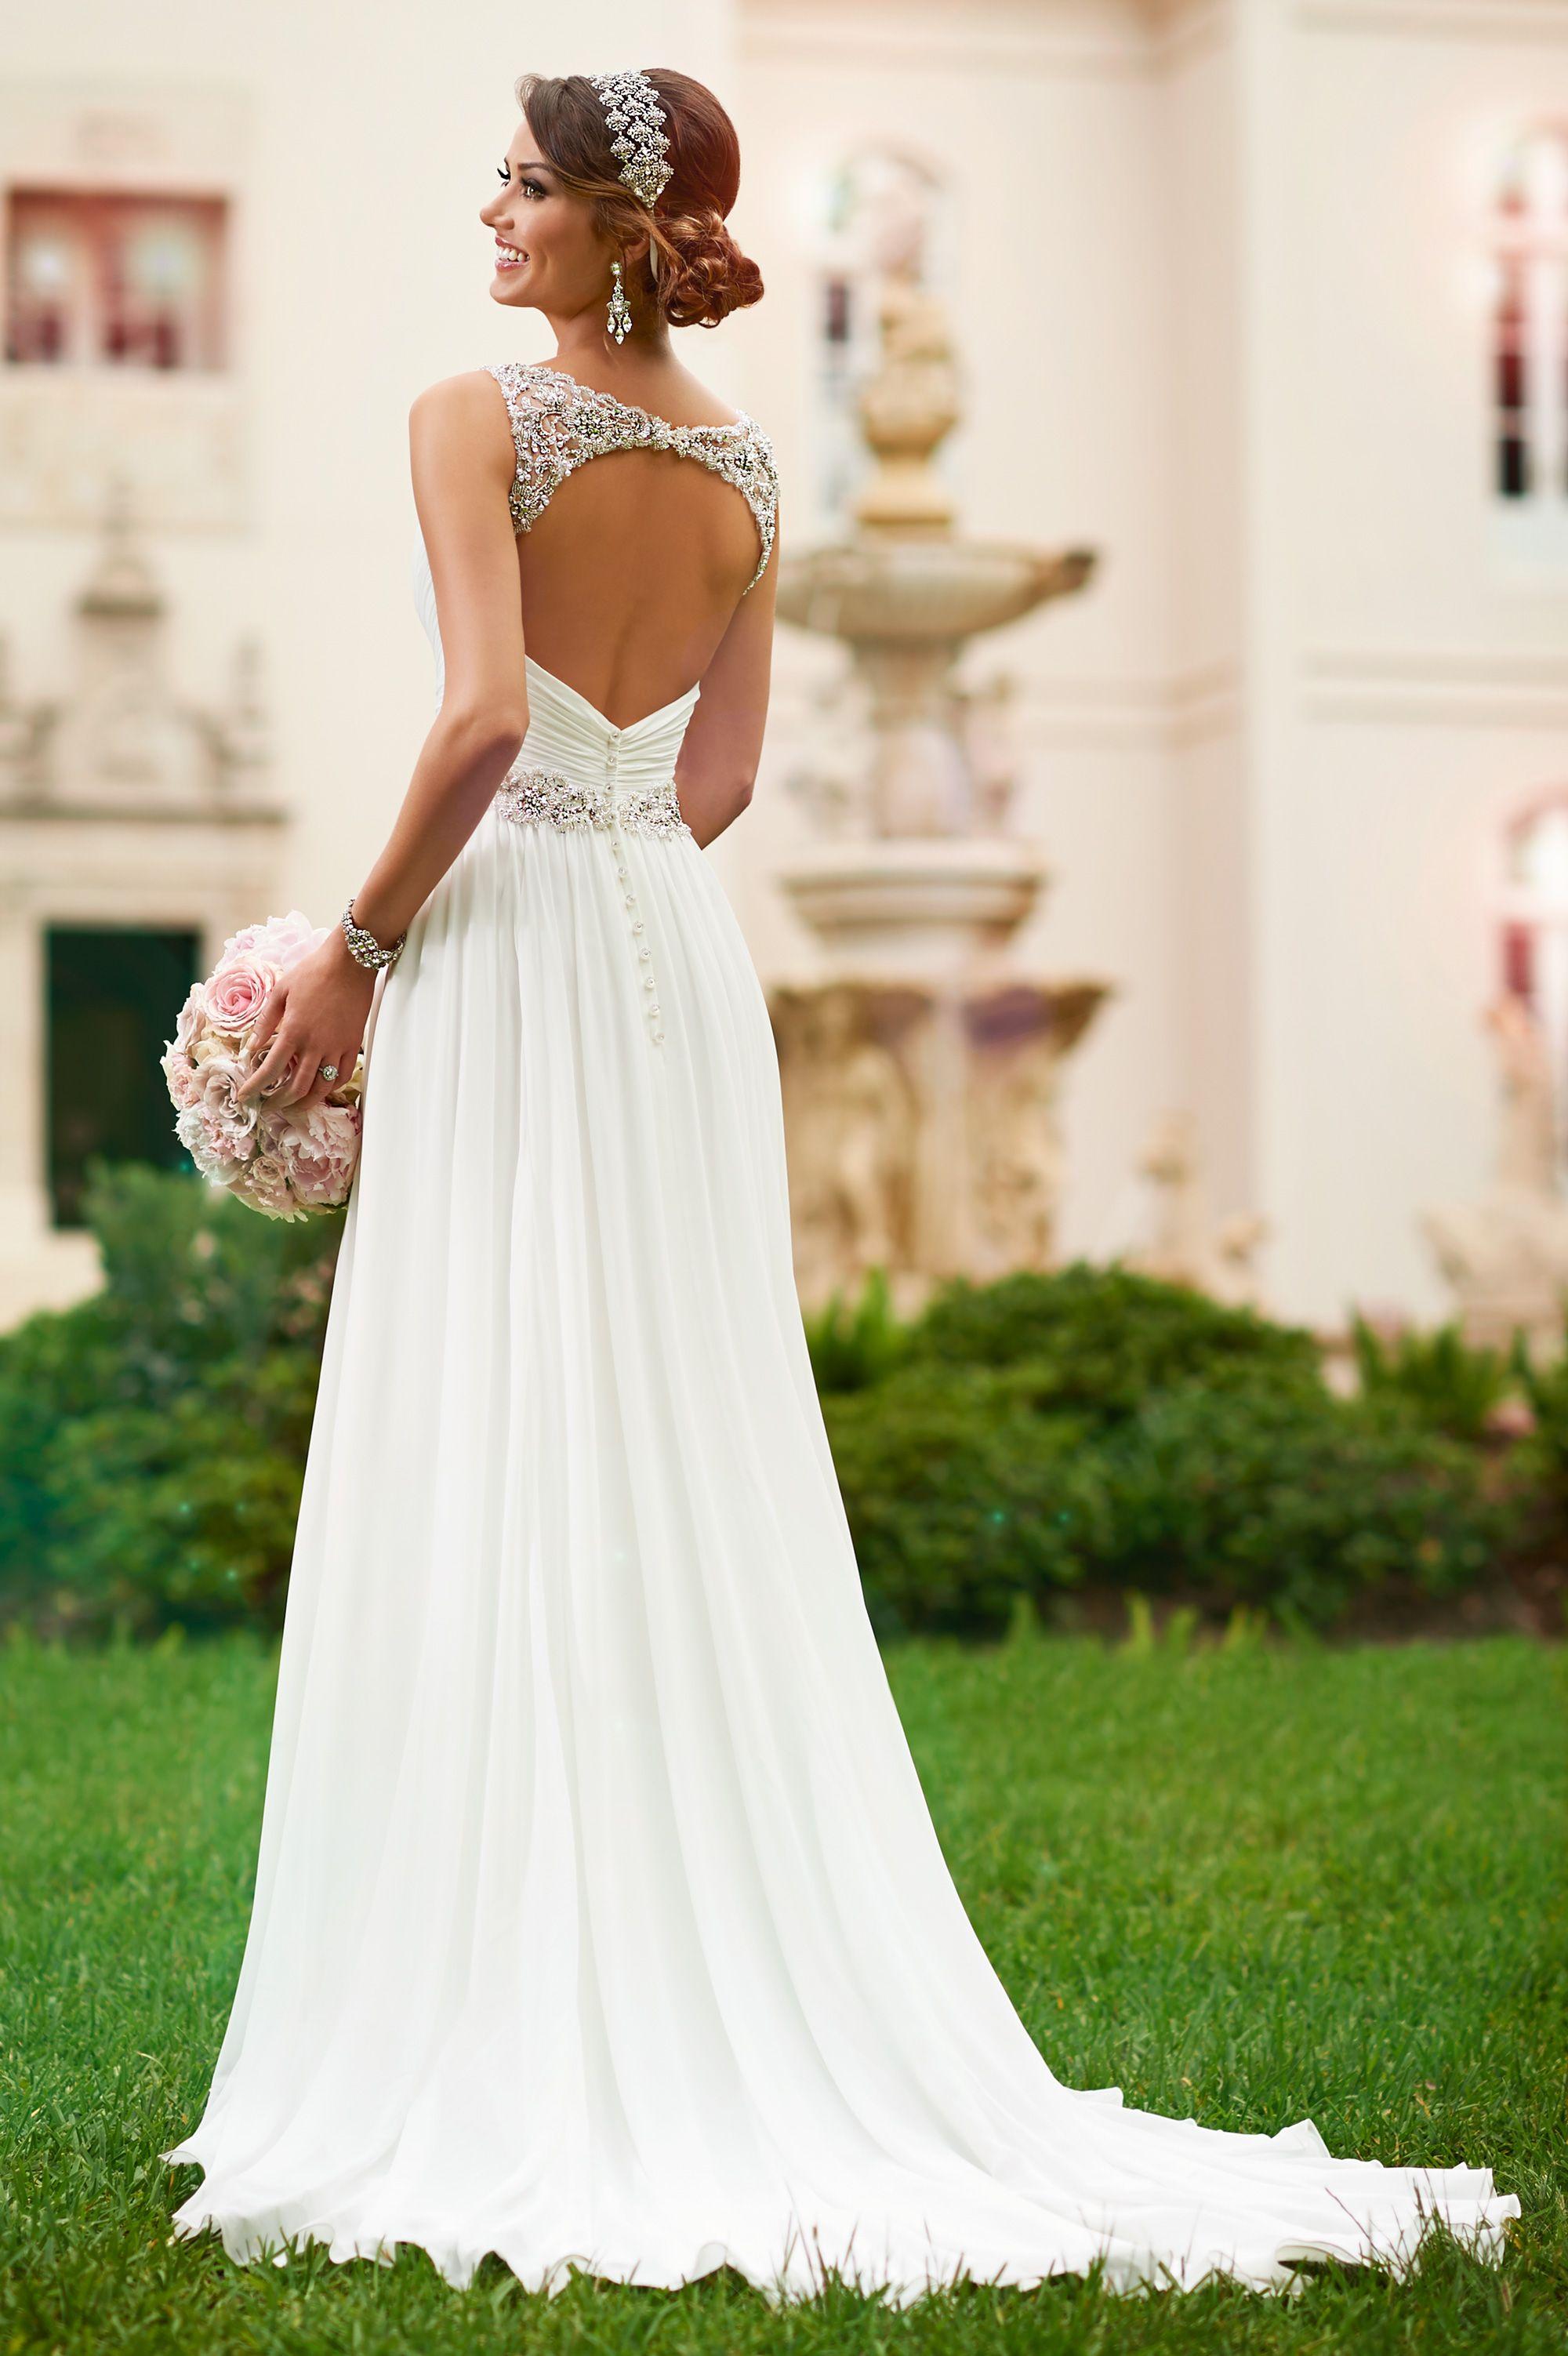 Stella York designer wedding dress site to find it on